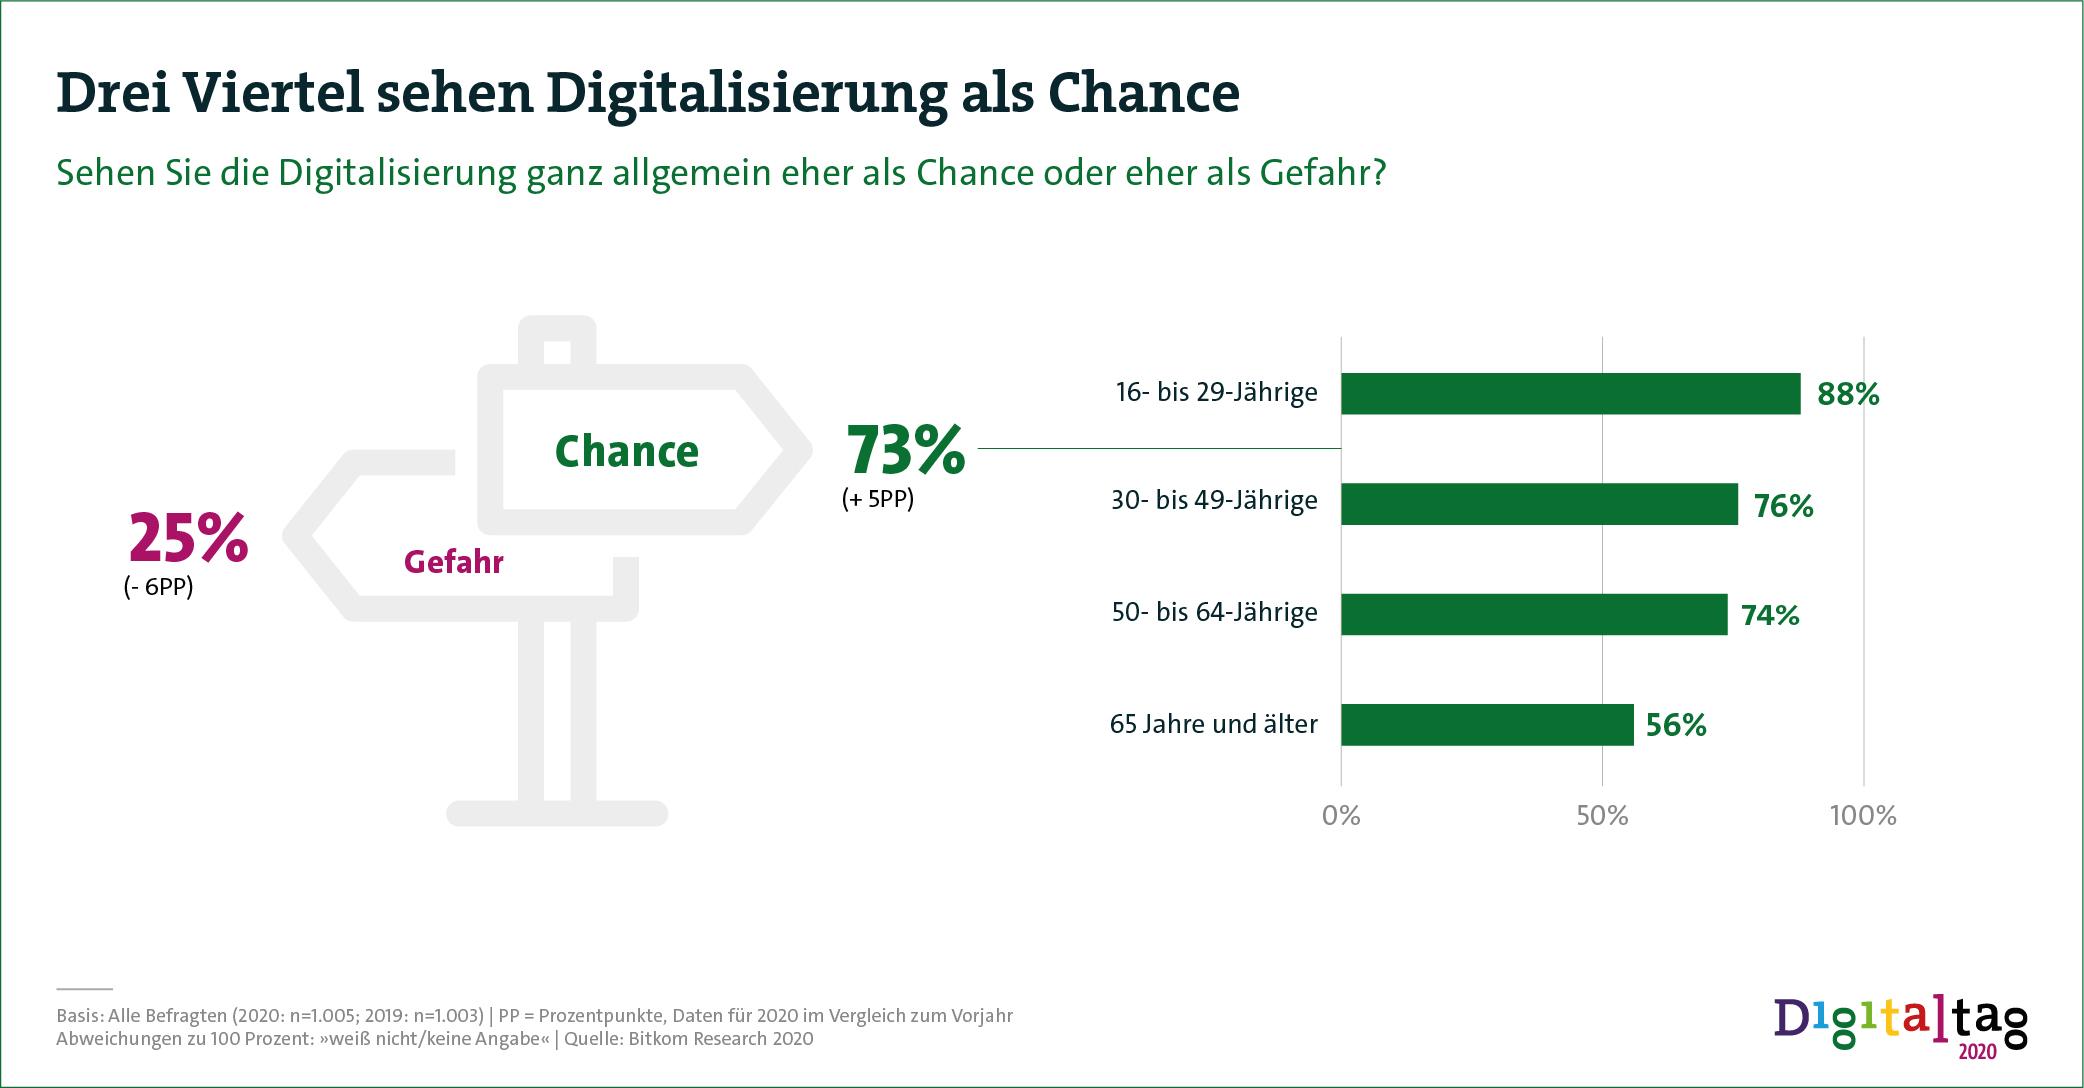 Dreiviertel der Bevölkerung sehen die Digitalisierung als Chance